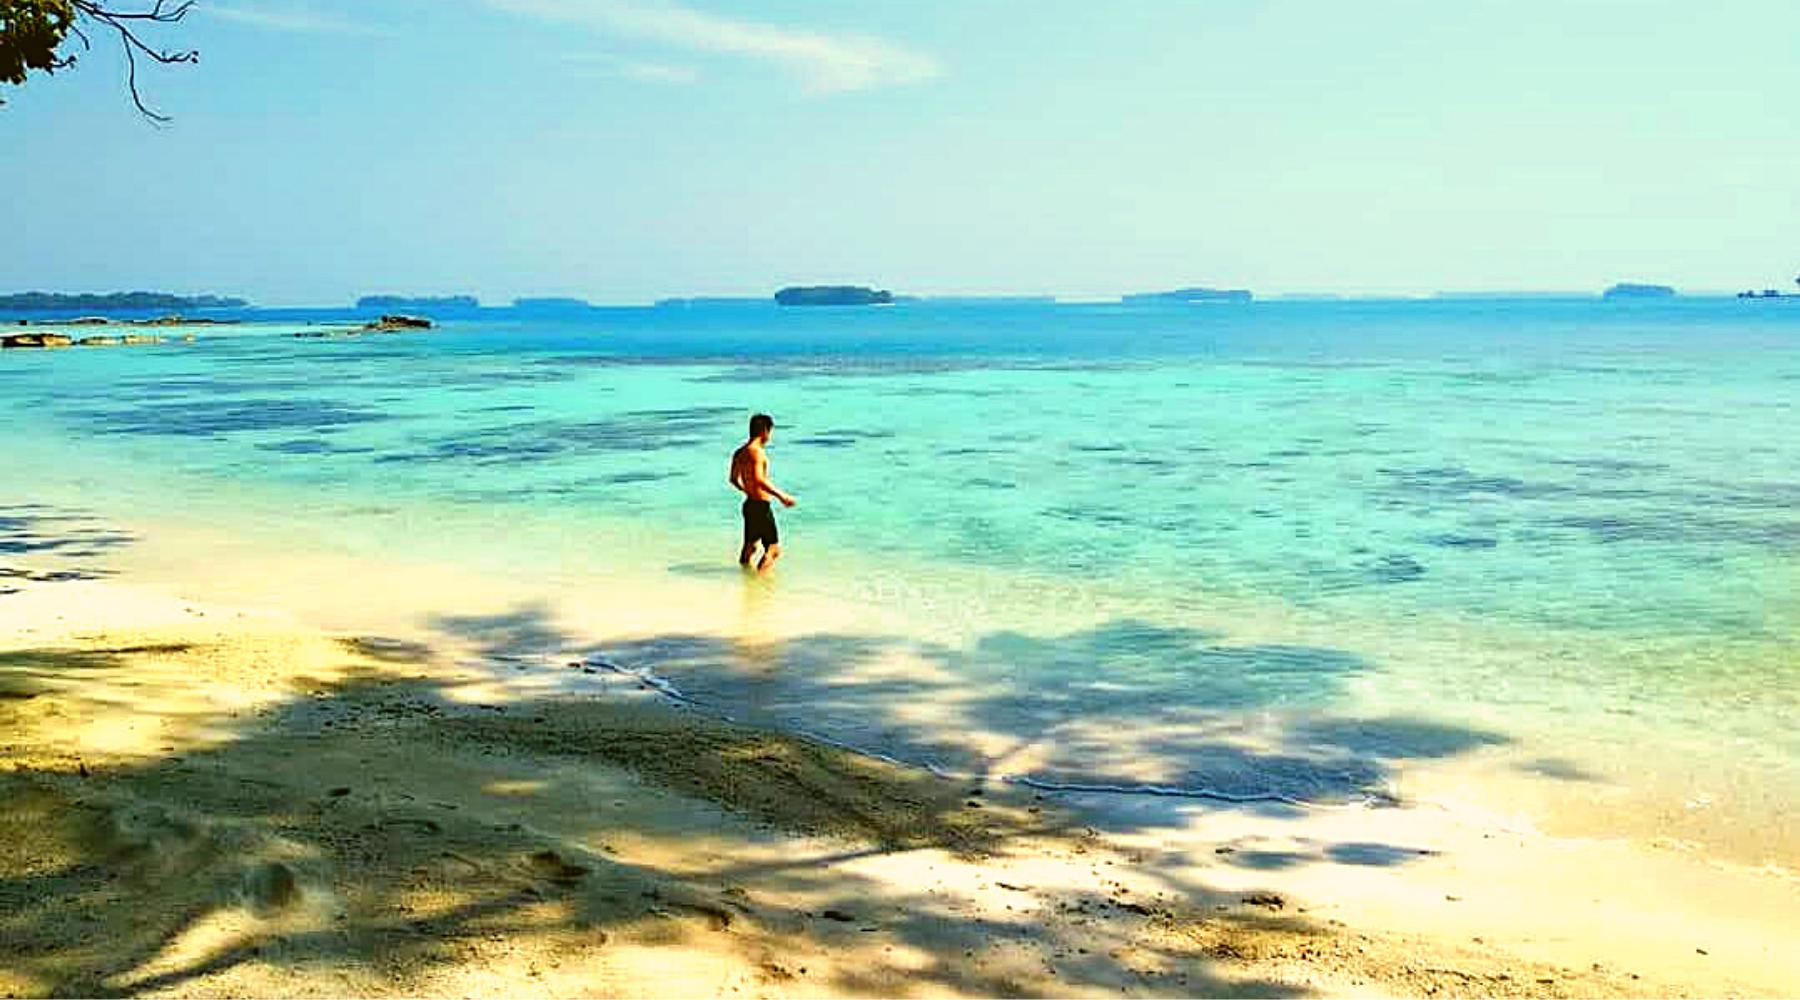 wisata-pulau-pelangi-pulau-seribu-jakarta